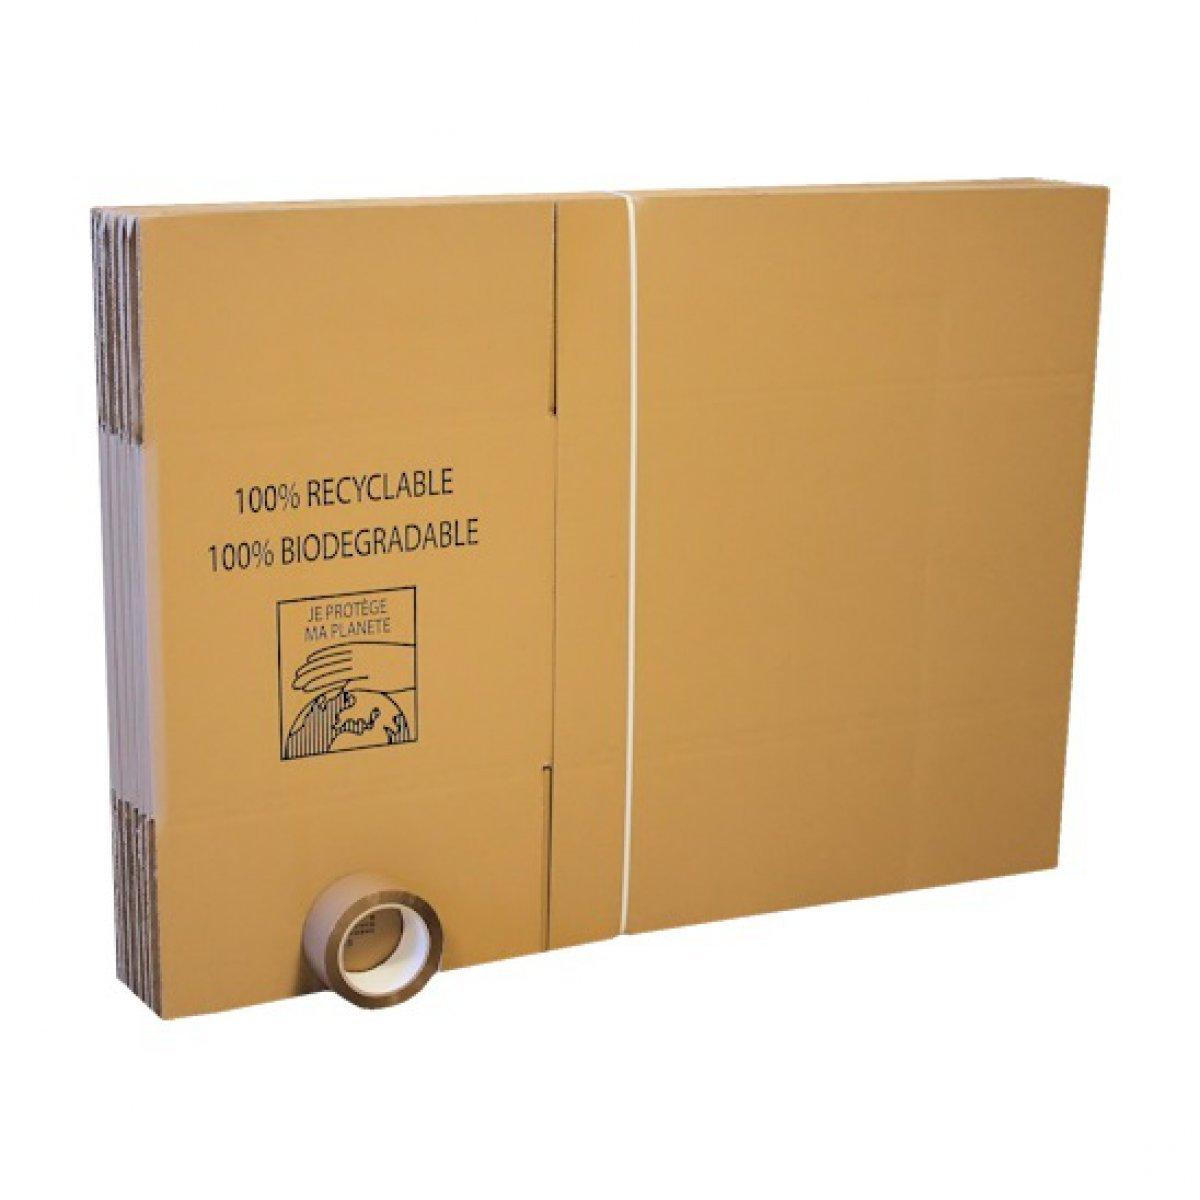 Pack de 15 cartons déménagement poignées avec 1 adhésif